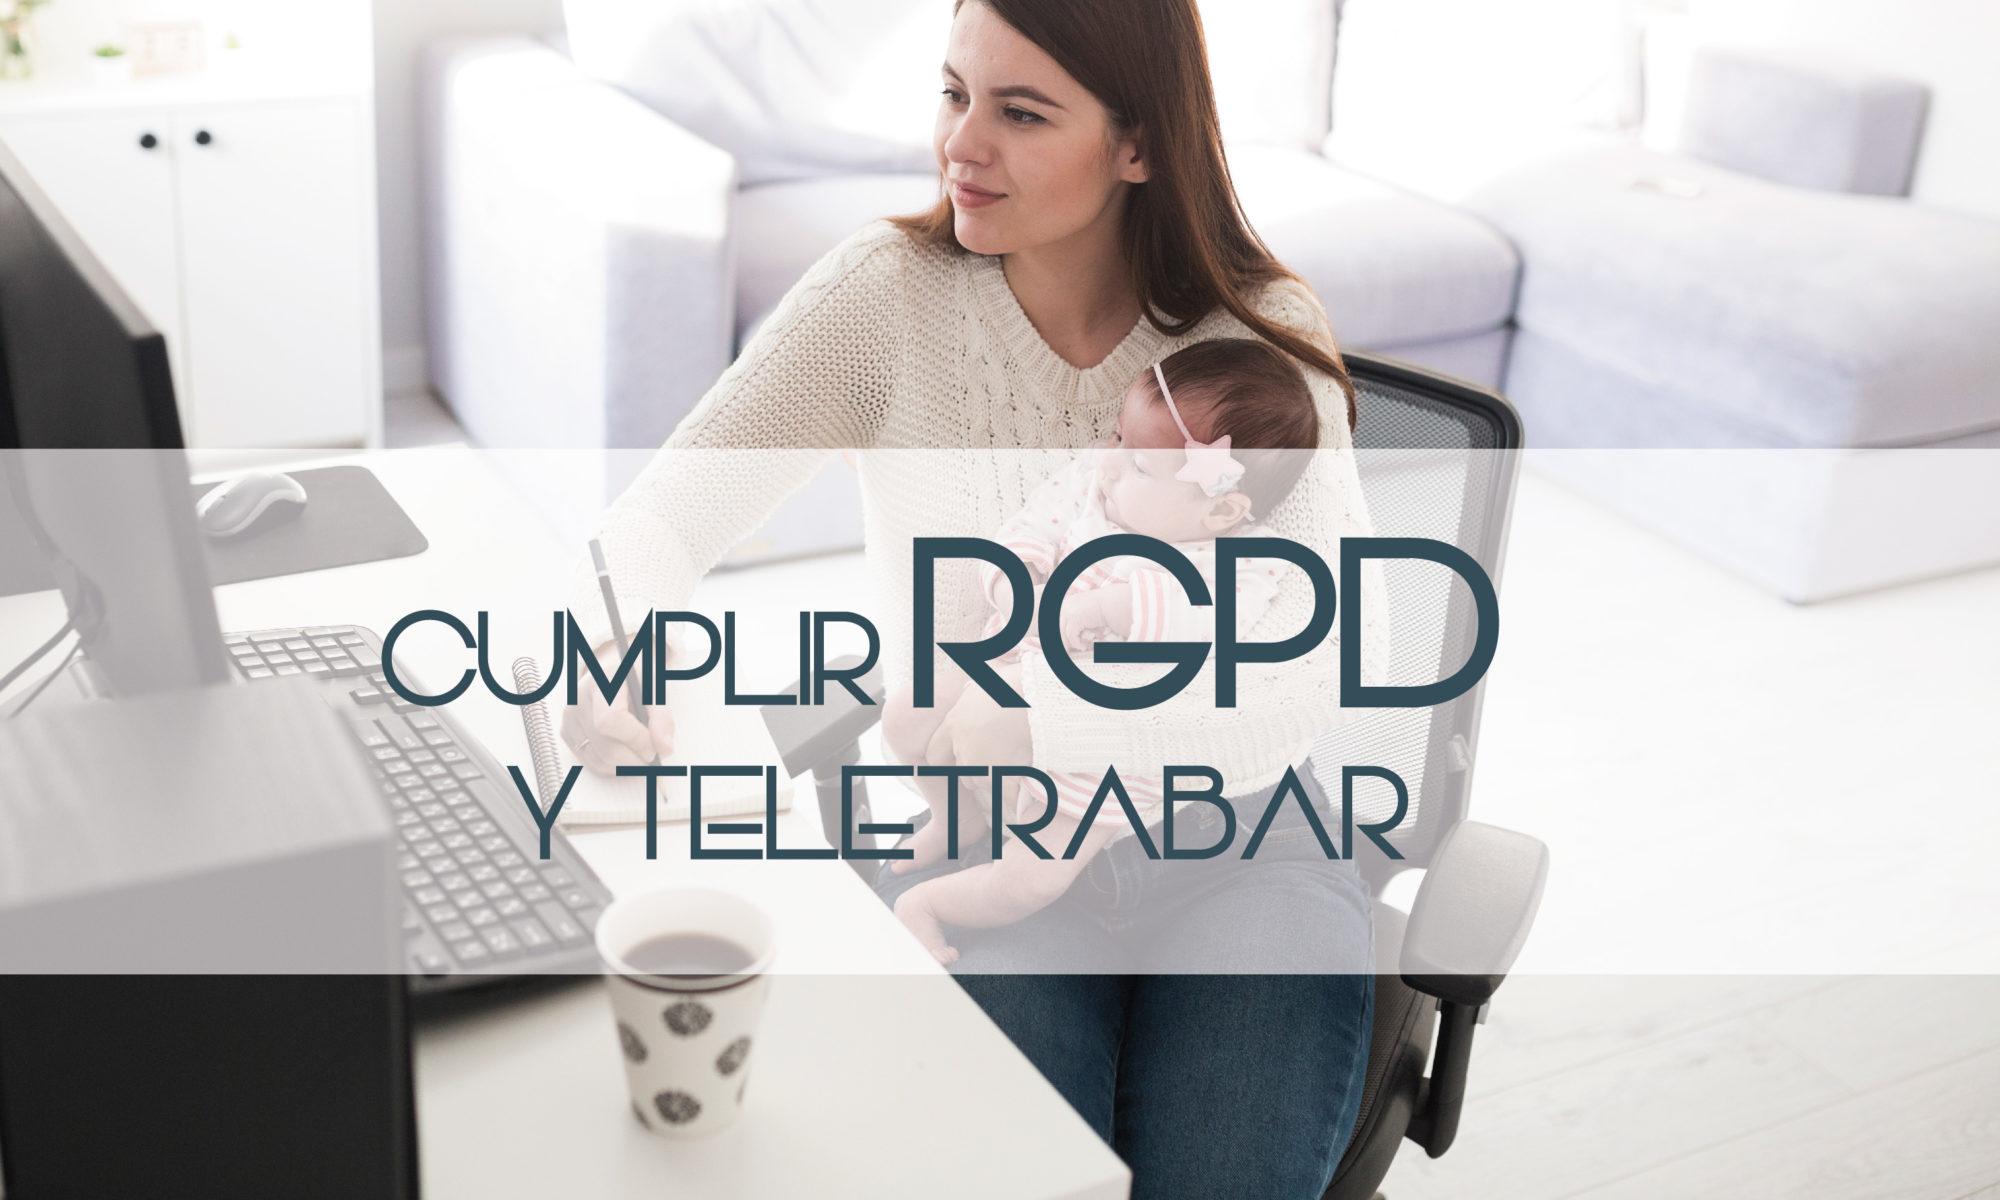 cumplir rgpd teletrabajo blog